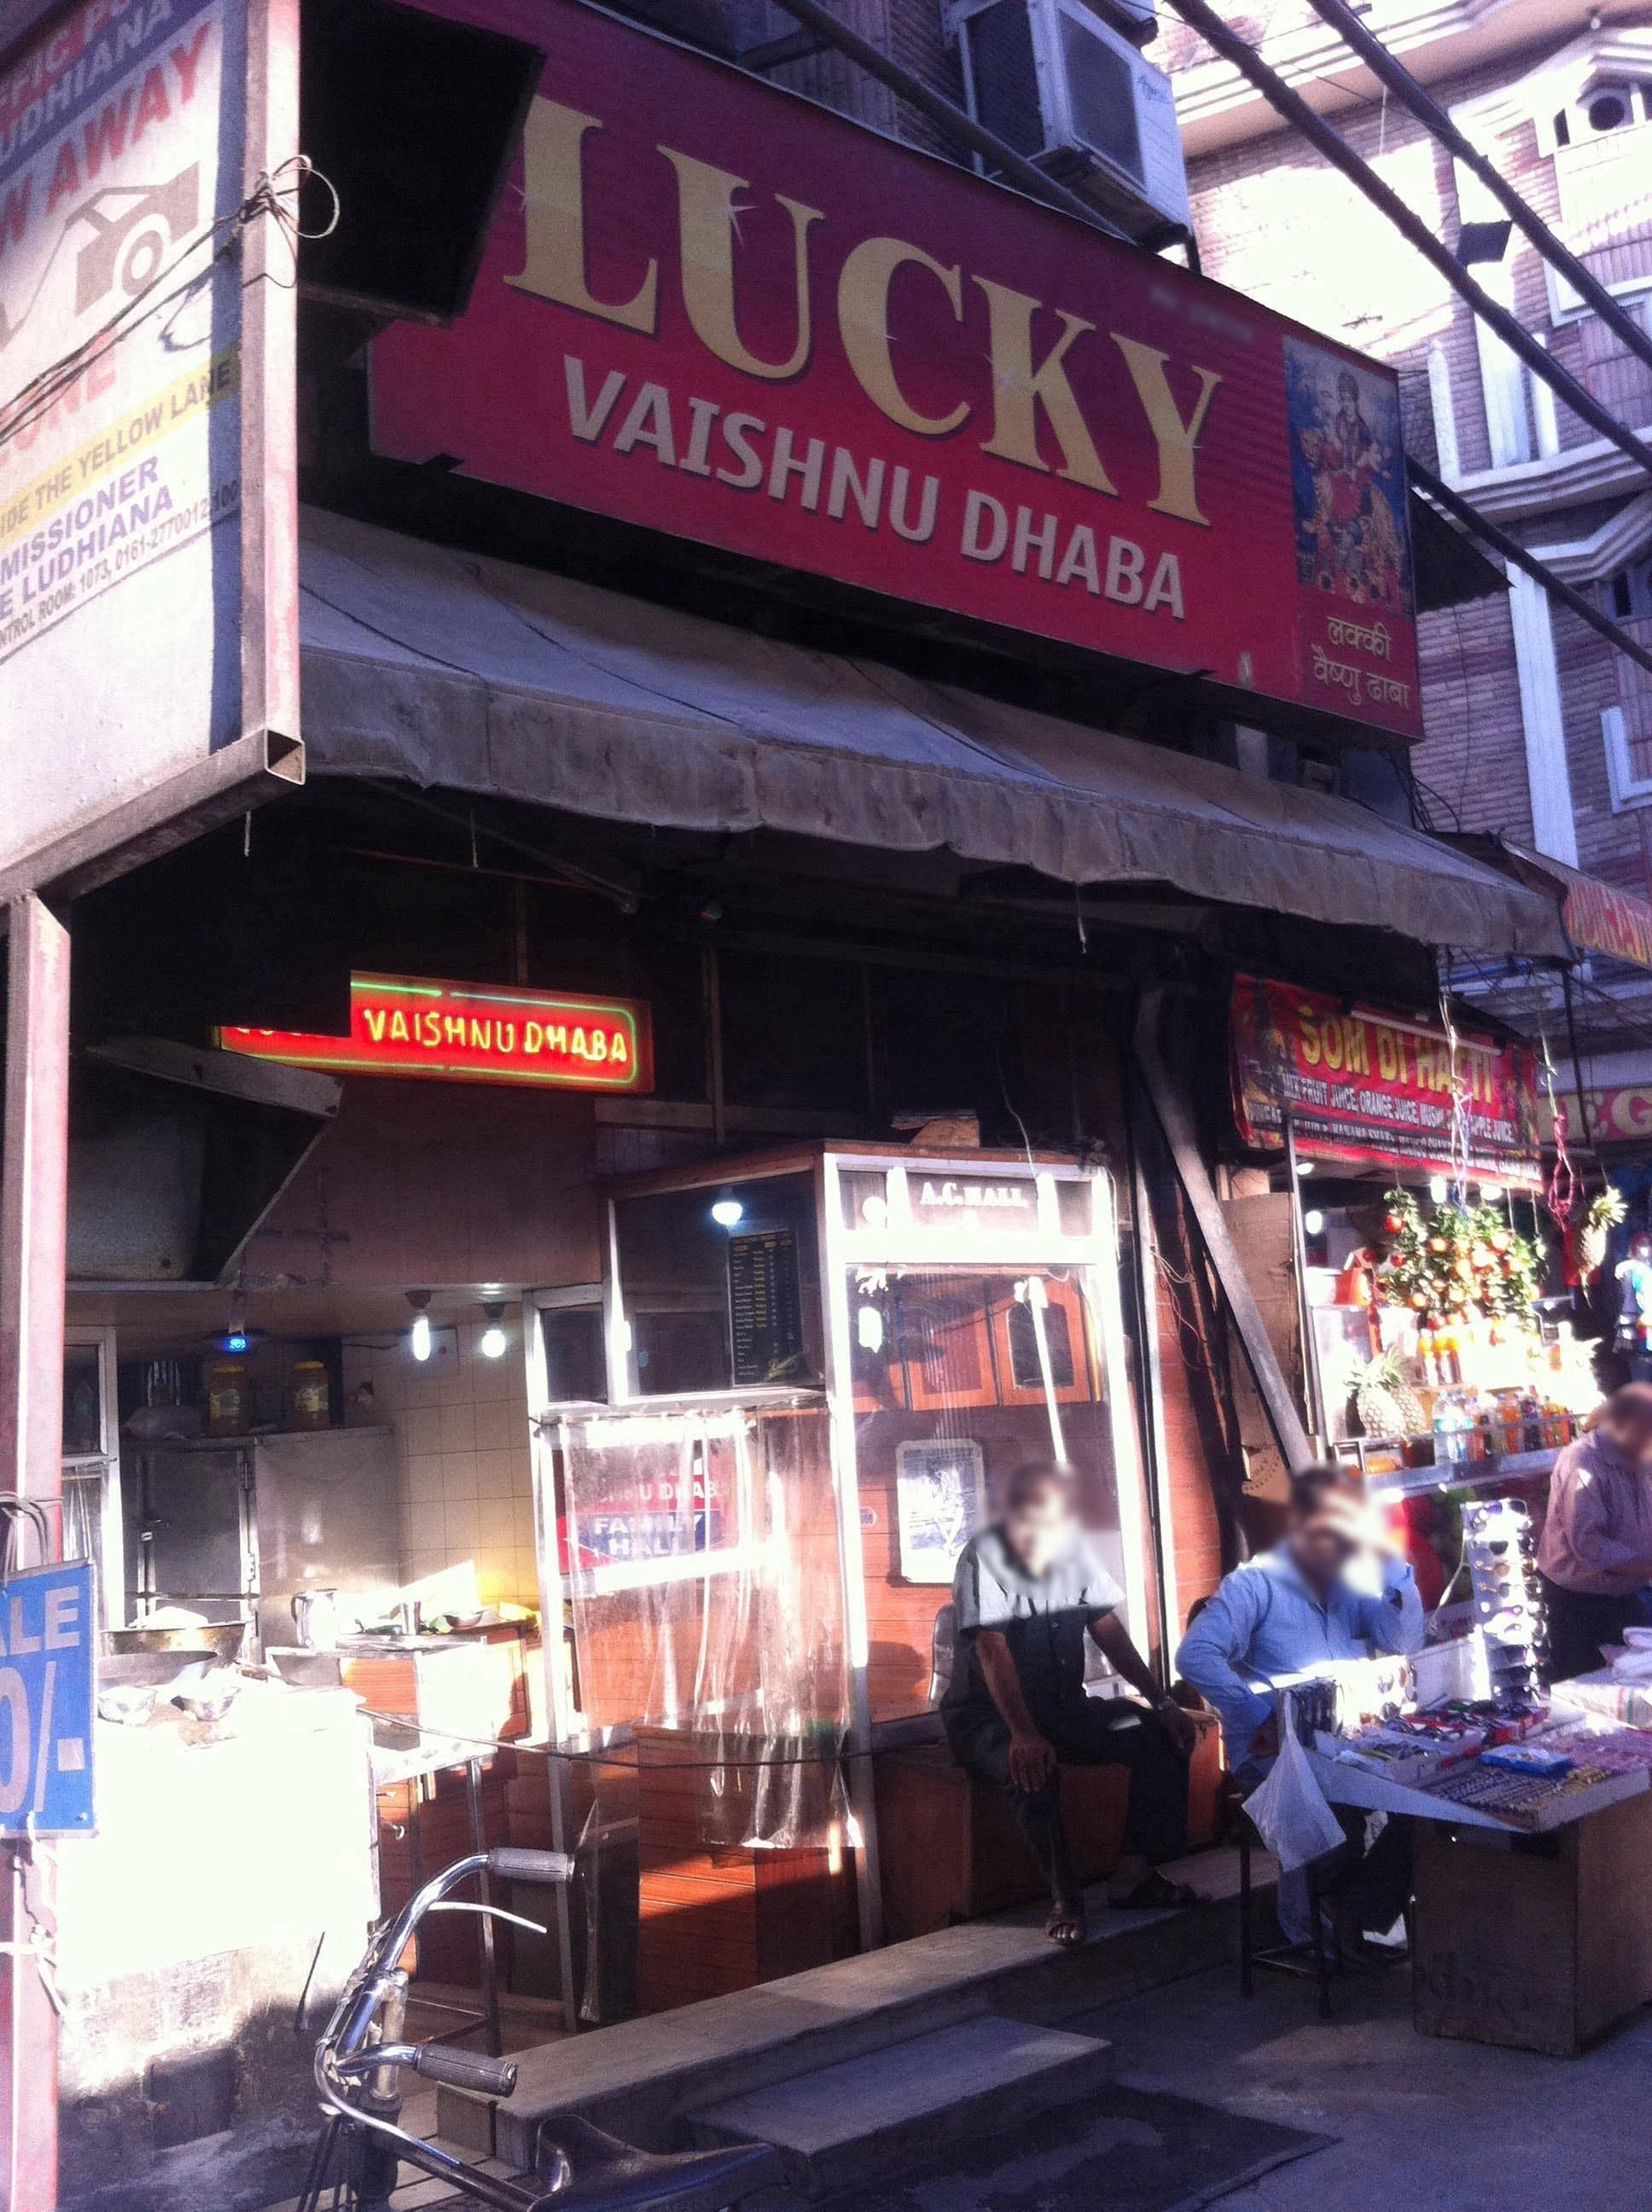 Lucky Vaishno Dhaba - ludhiana Junction - Ludhiana Image